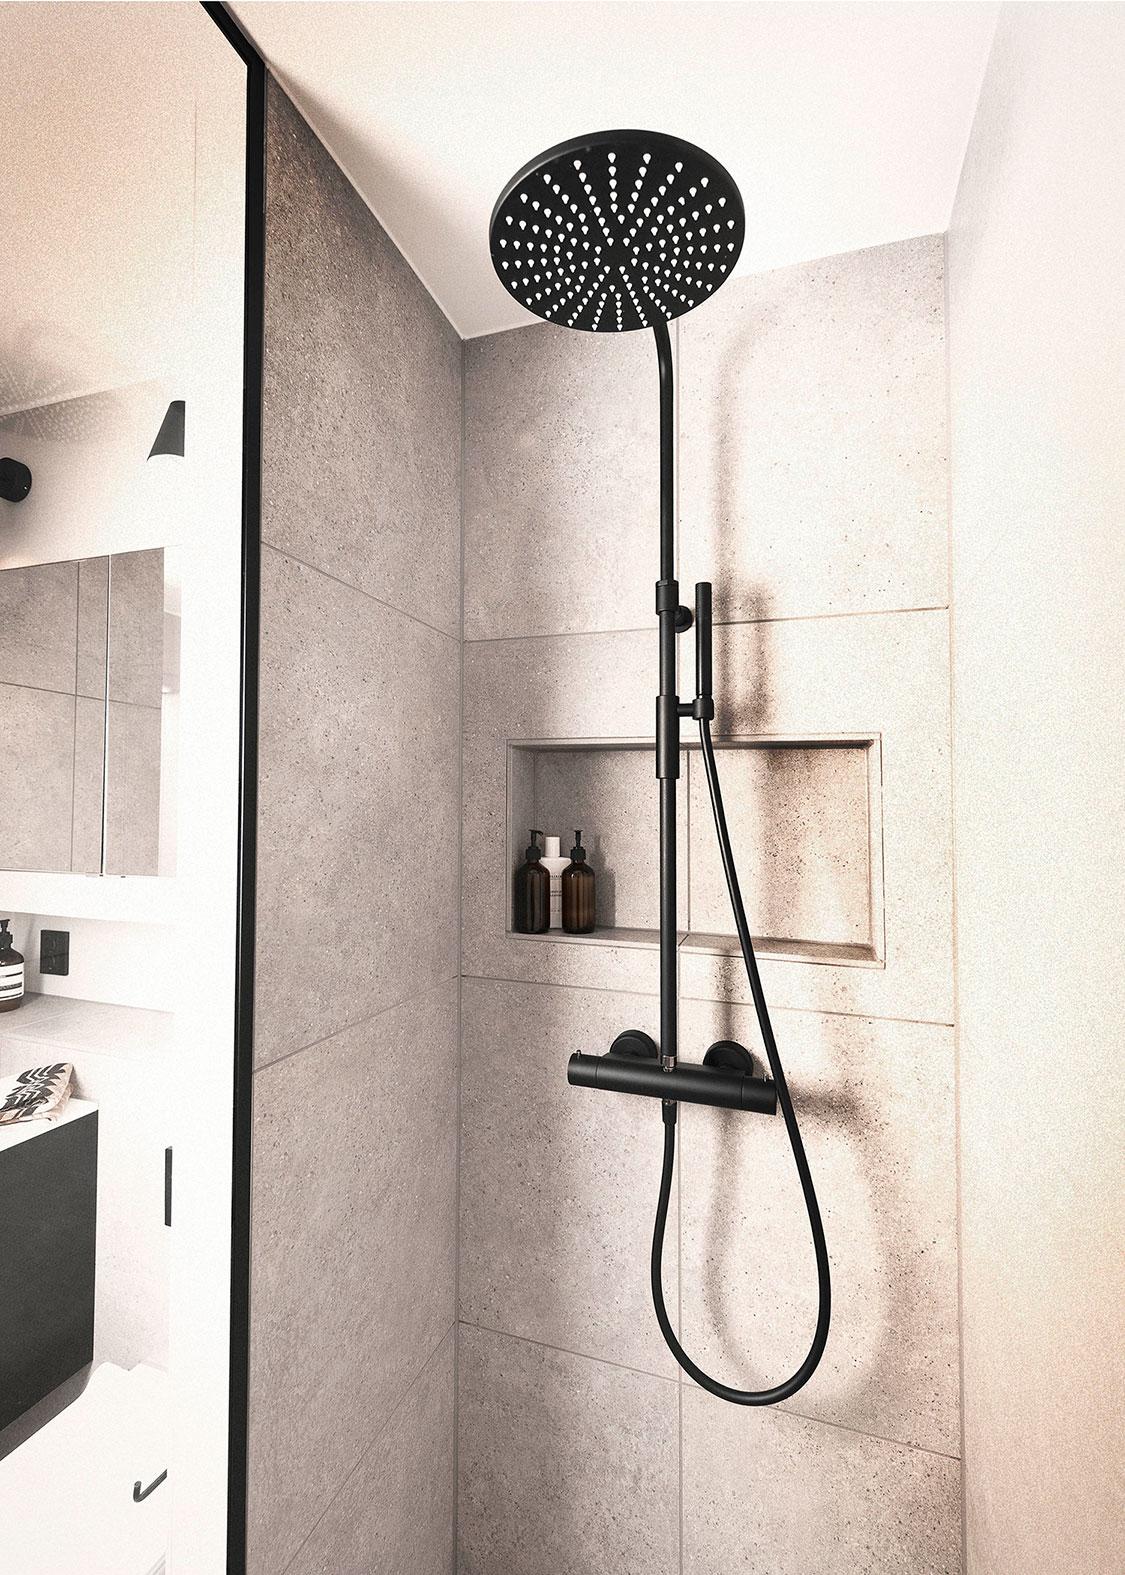 Viser dusjen med dusjhode og innfelte hylleløsninger